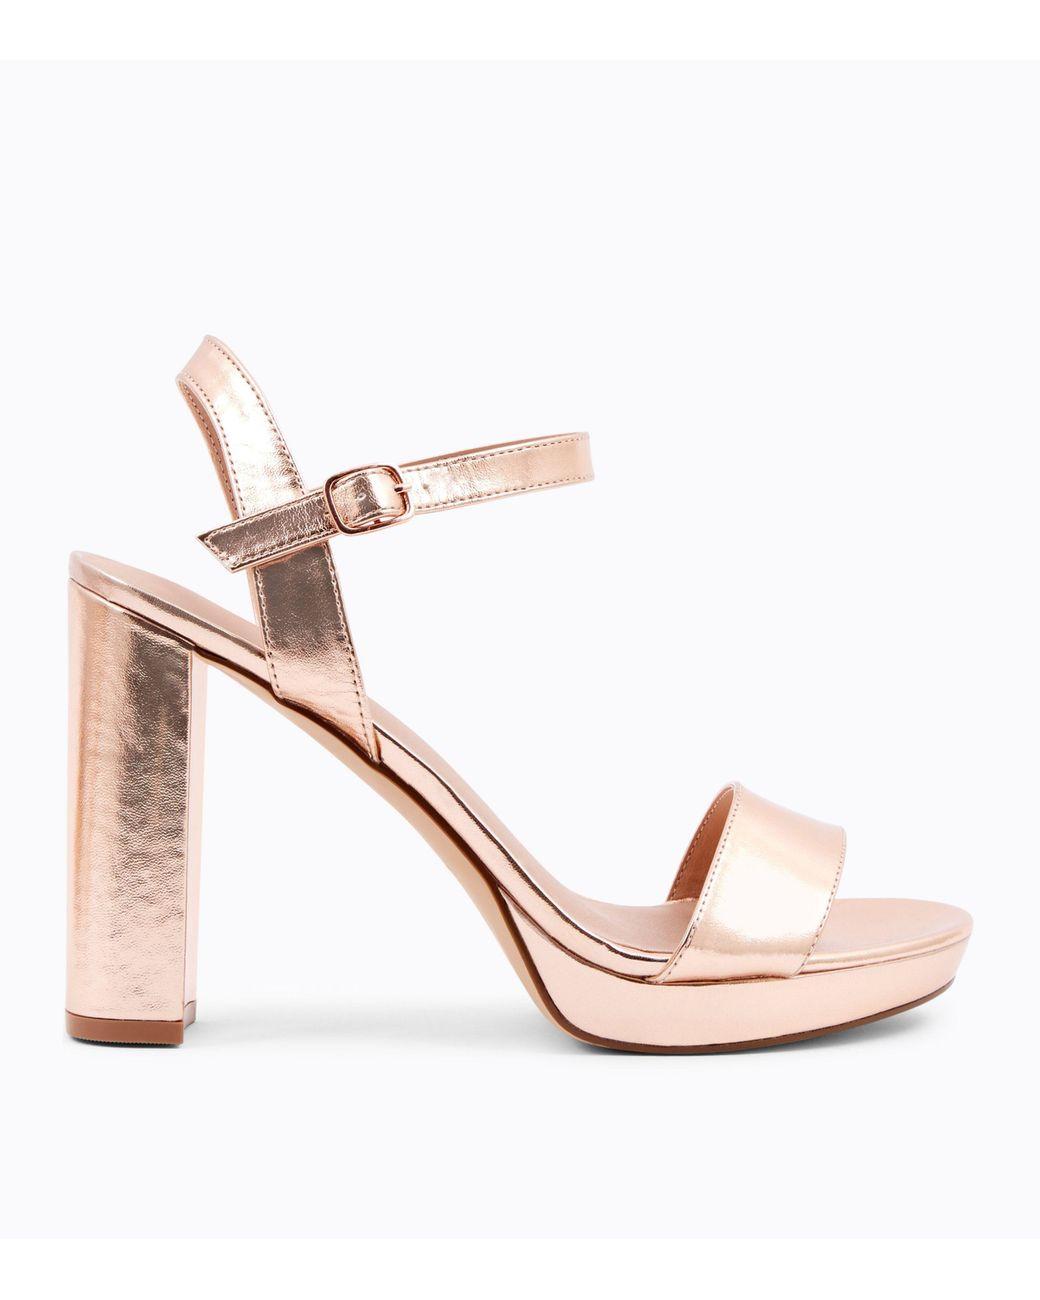 95e06115492 New Look Rose Gold Metallic Block Heel Platform Sandals in Pink - Lyst